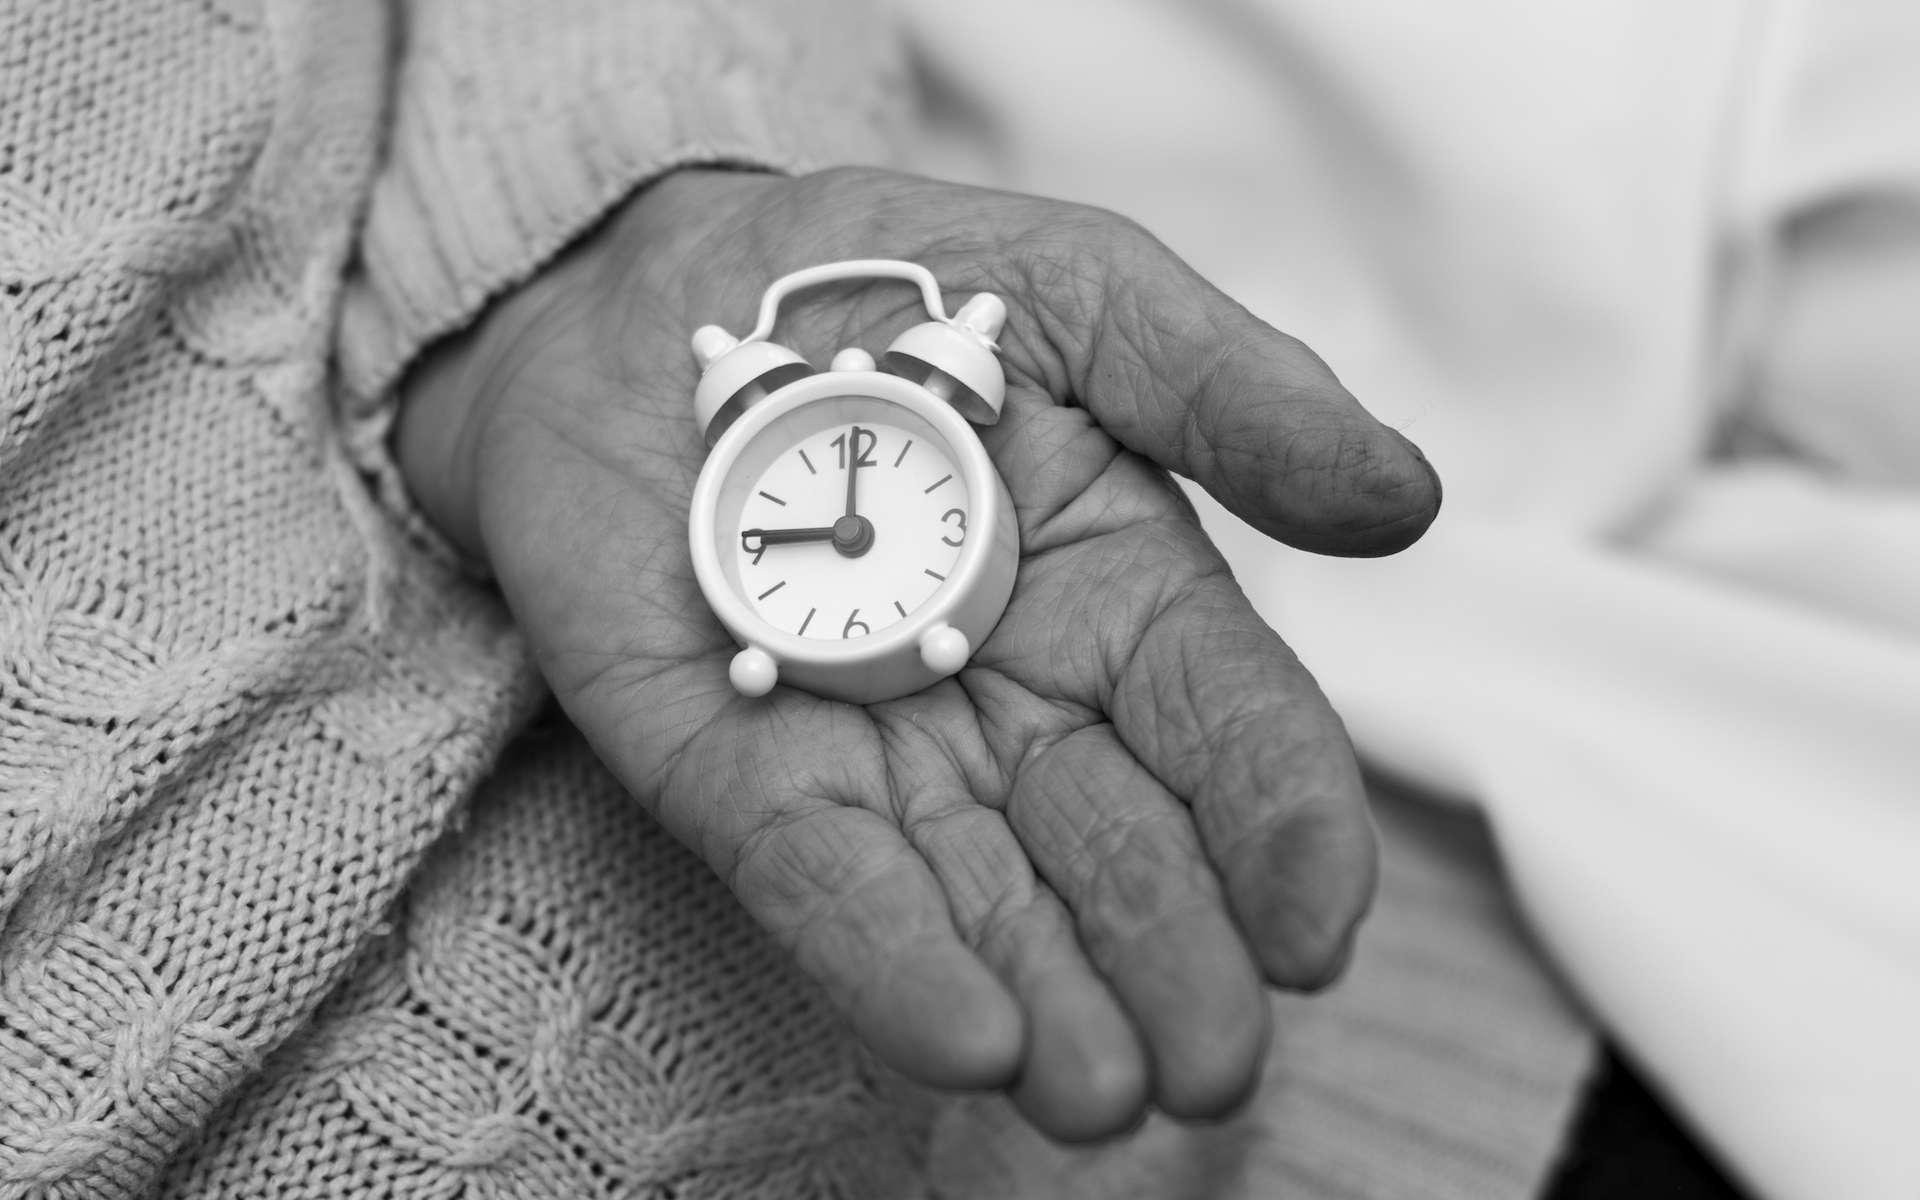 La durée biologique de l'Homme serait de 38 ans. © Leksann, Adobe Stock